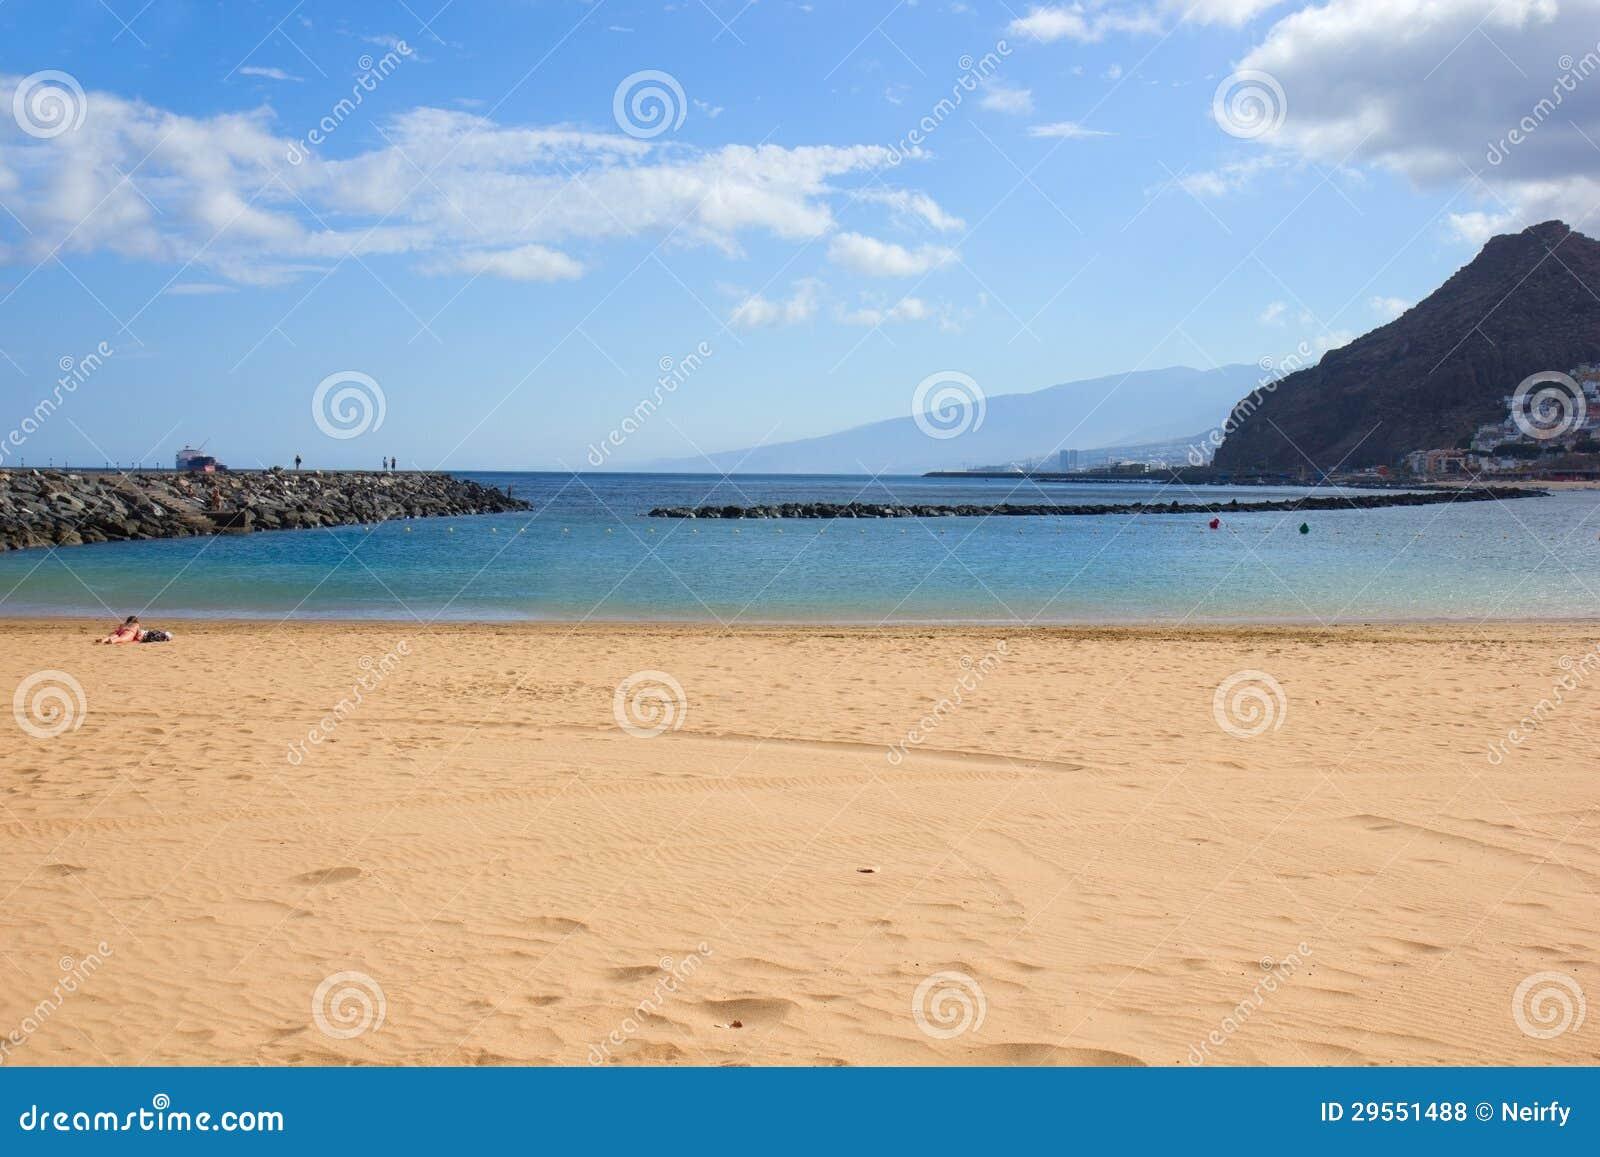 Beach of Santa Cruz de Tenerife, Spain